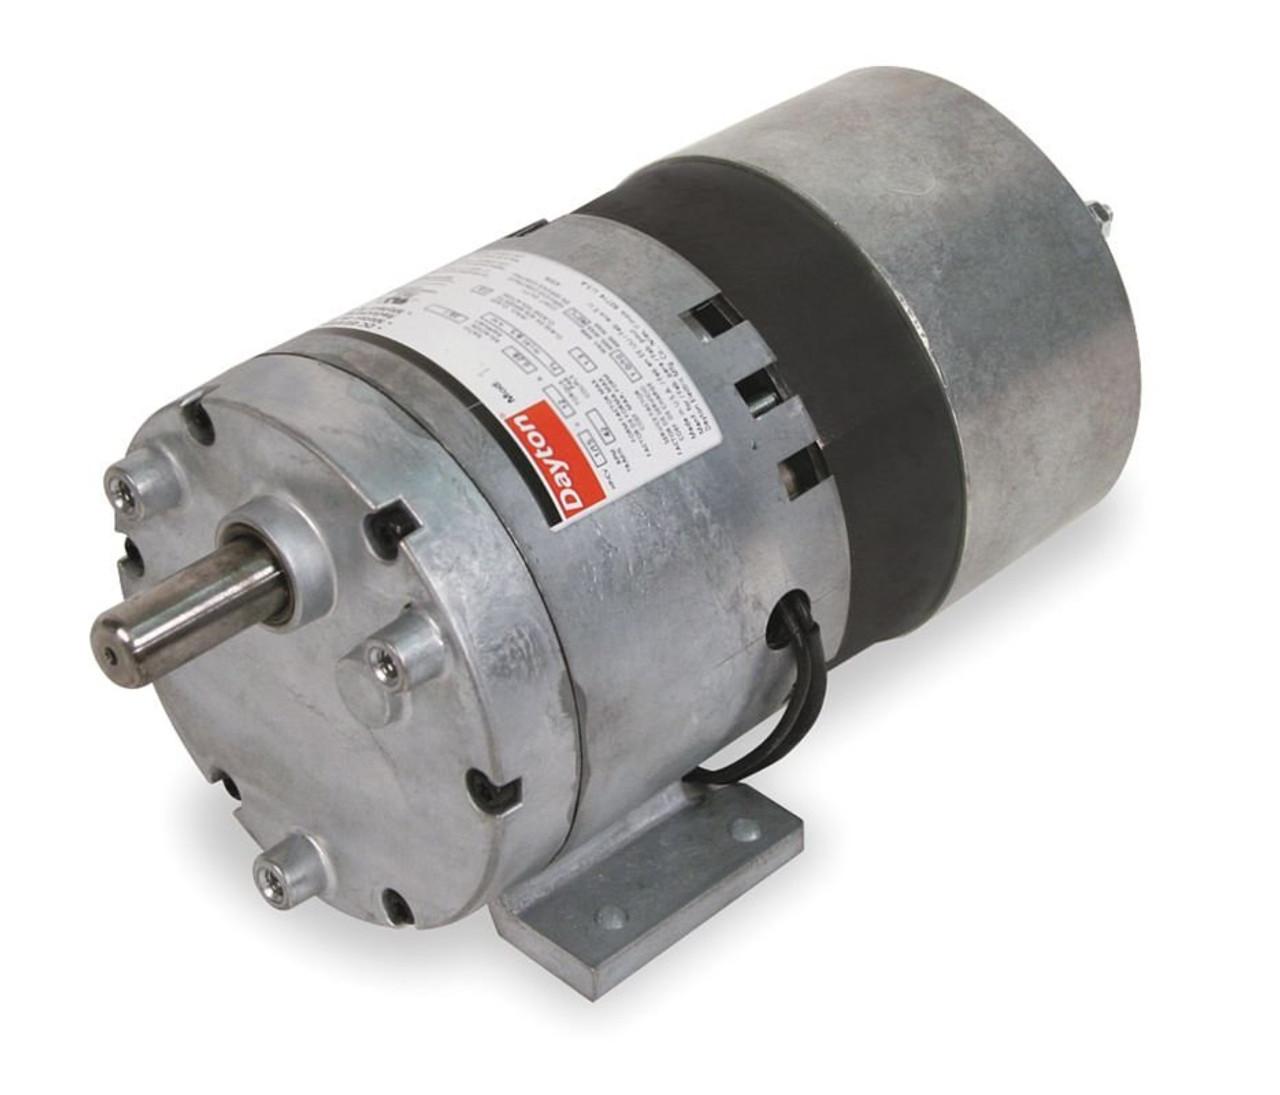 medium resolution of  dayton model 1lpl6 gear motor 60 rpm 1 10 hp 115v 3m138 on 76 ly dayton gear motor wiring diagram